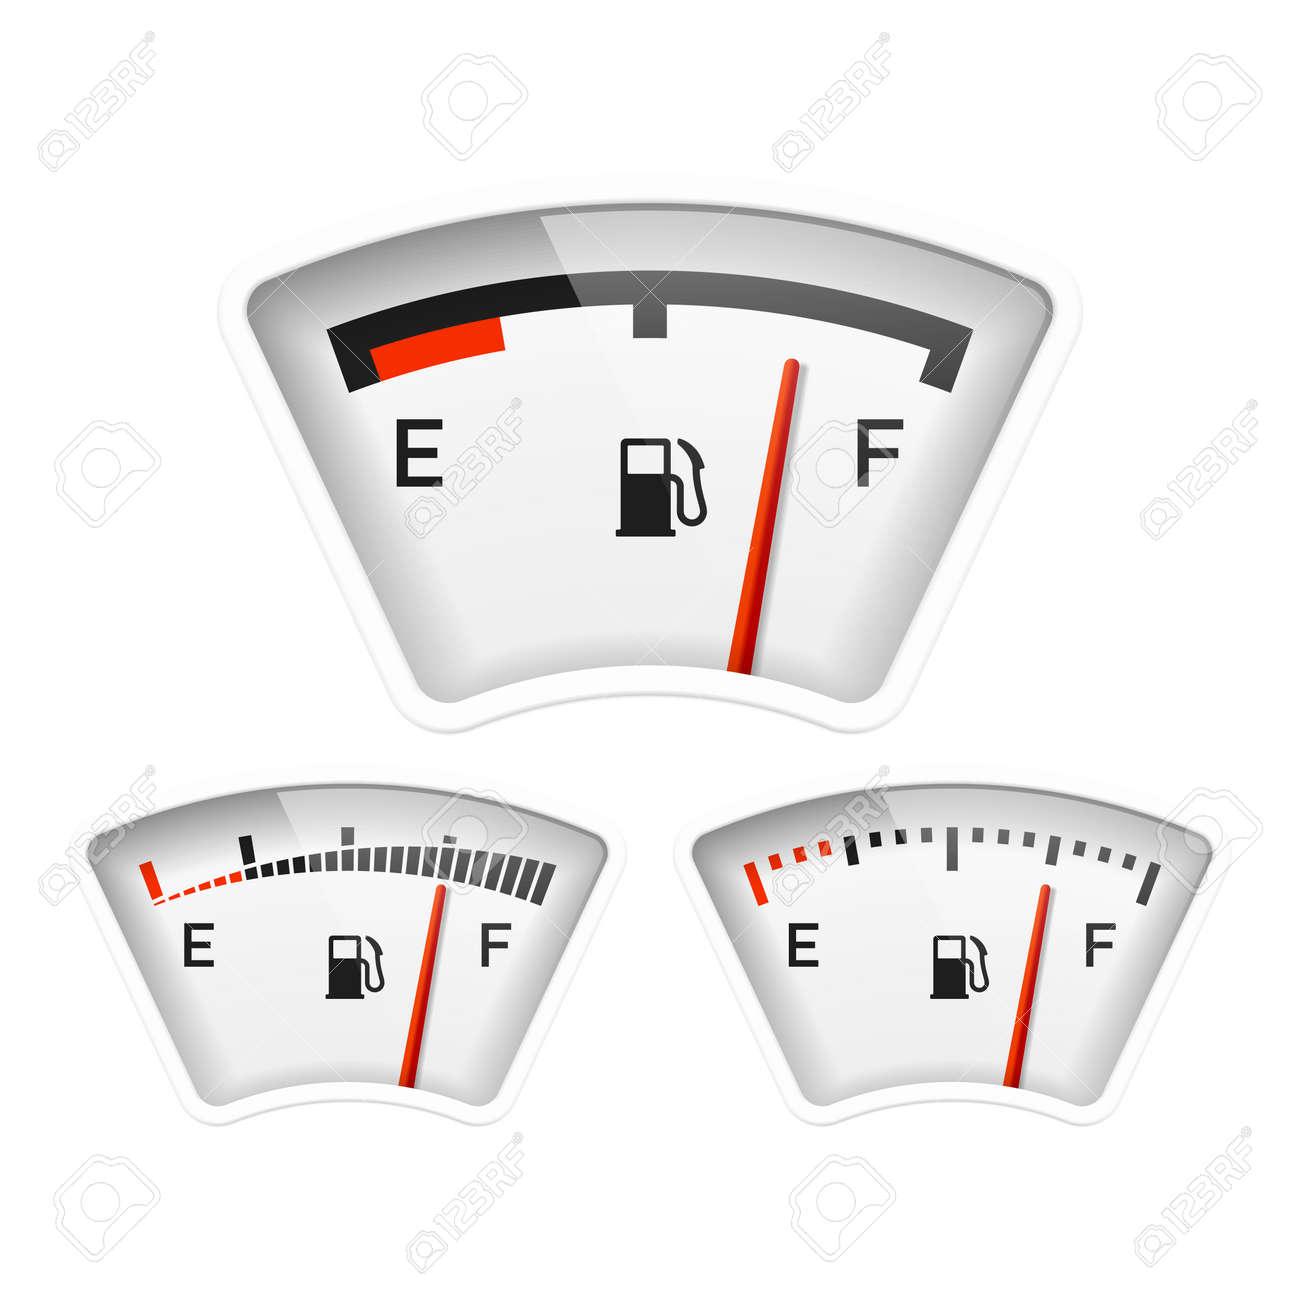 Fuel gauge Stock Vector - 22397150